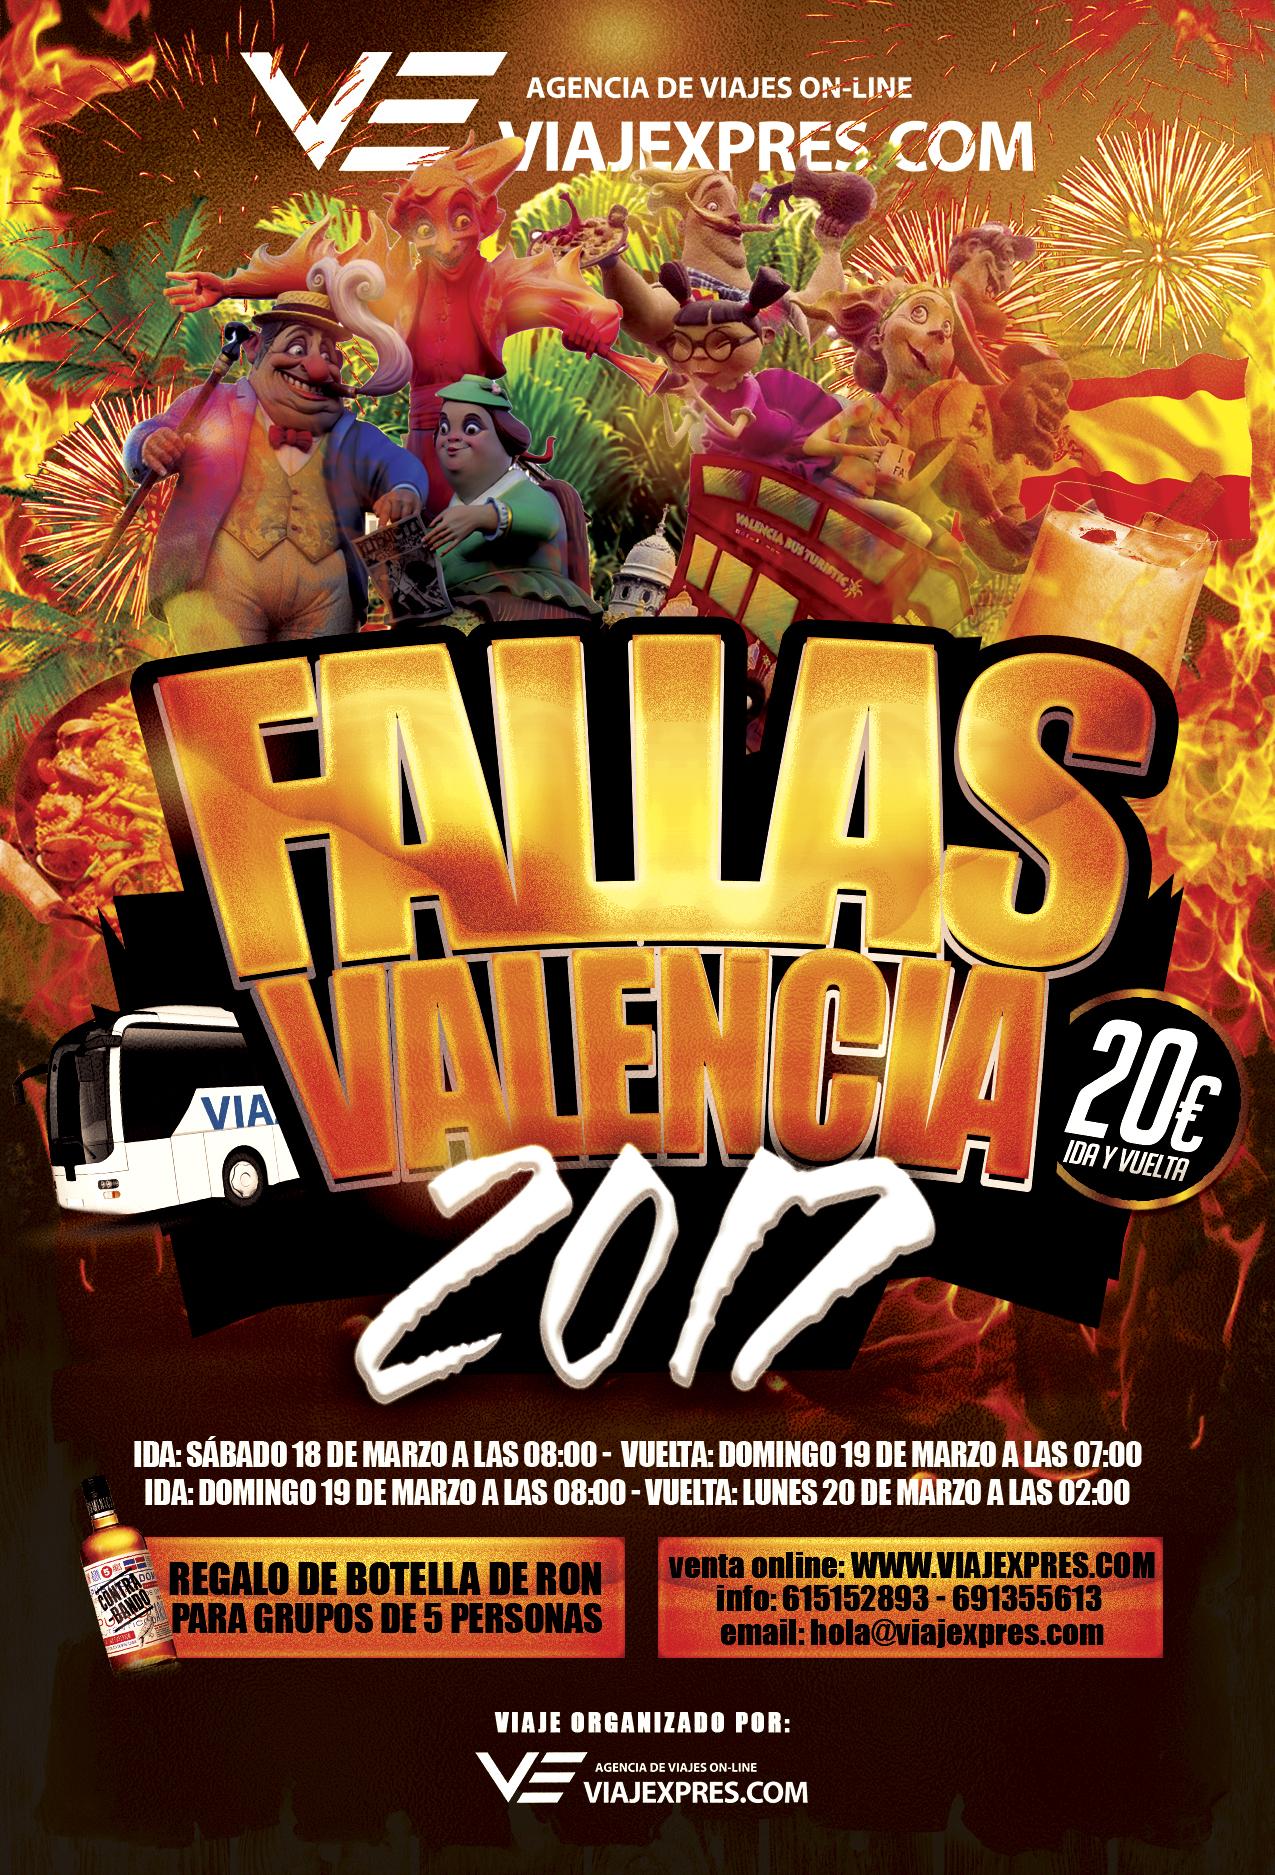 Autobús a Fallas de Valencia 2017